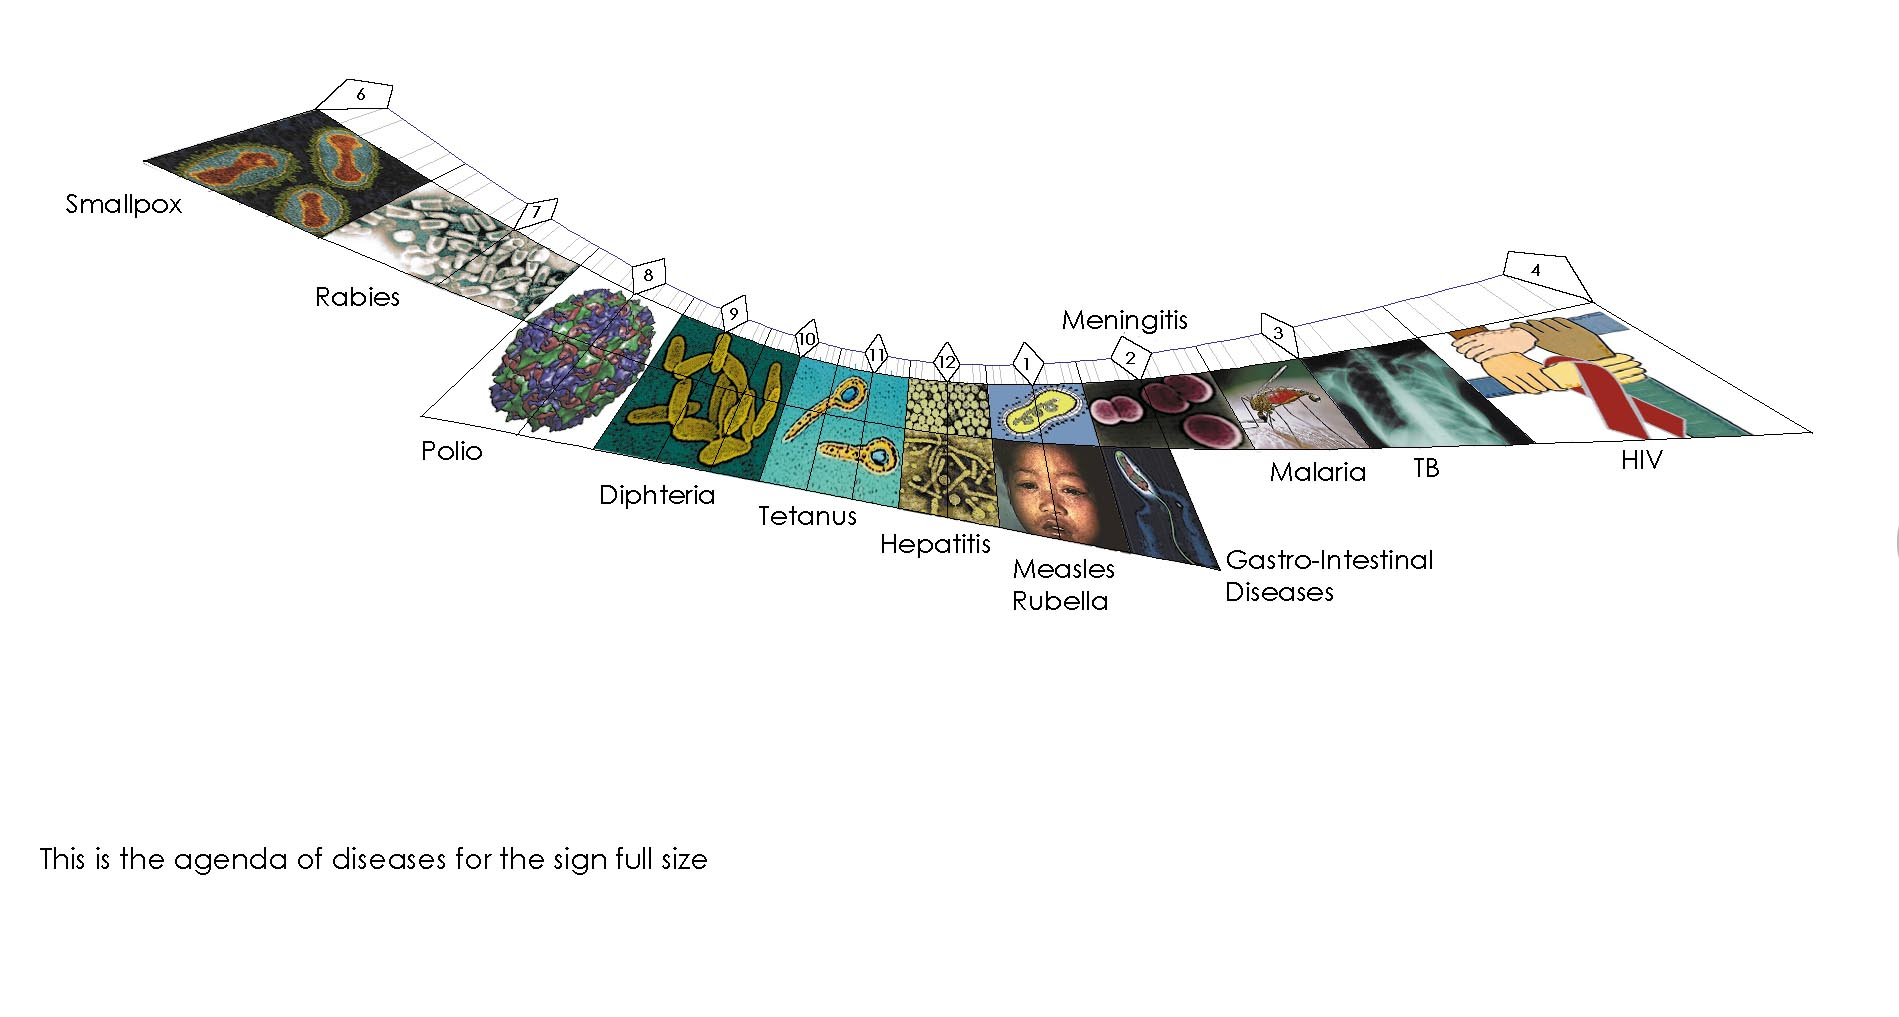 agenda of diseases full size web.jpg